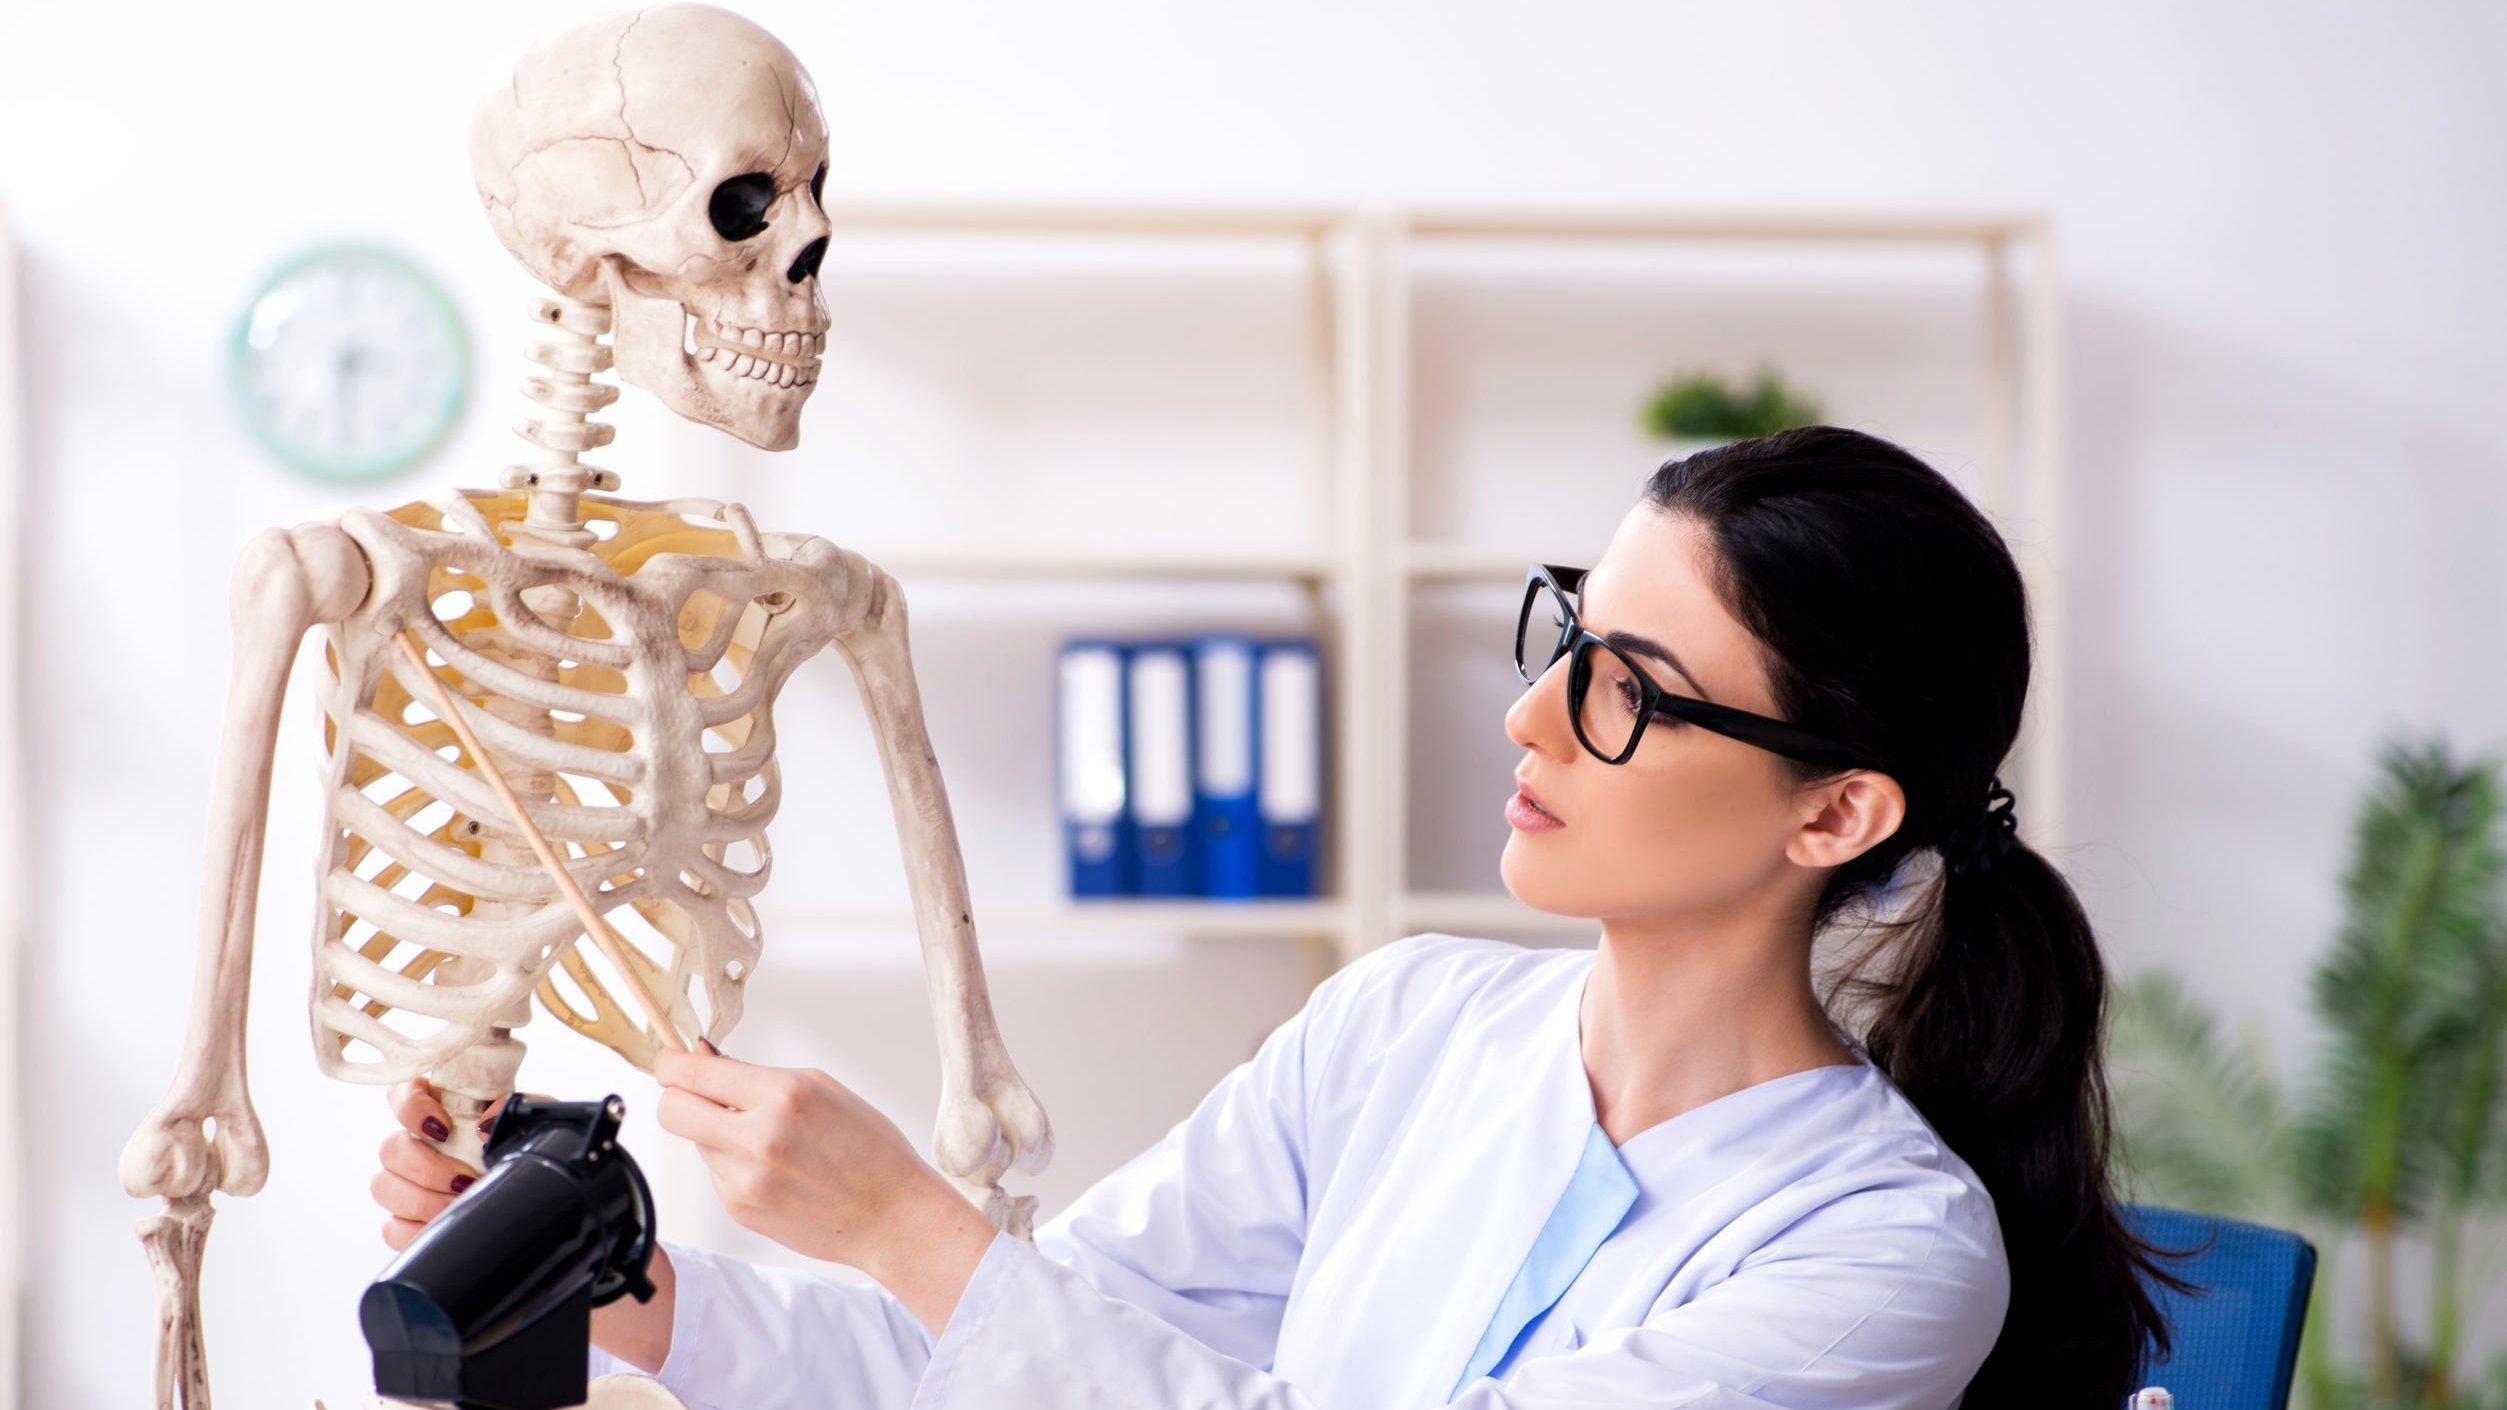 Mulher mexendo em esqueleto com palito